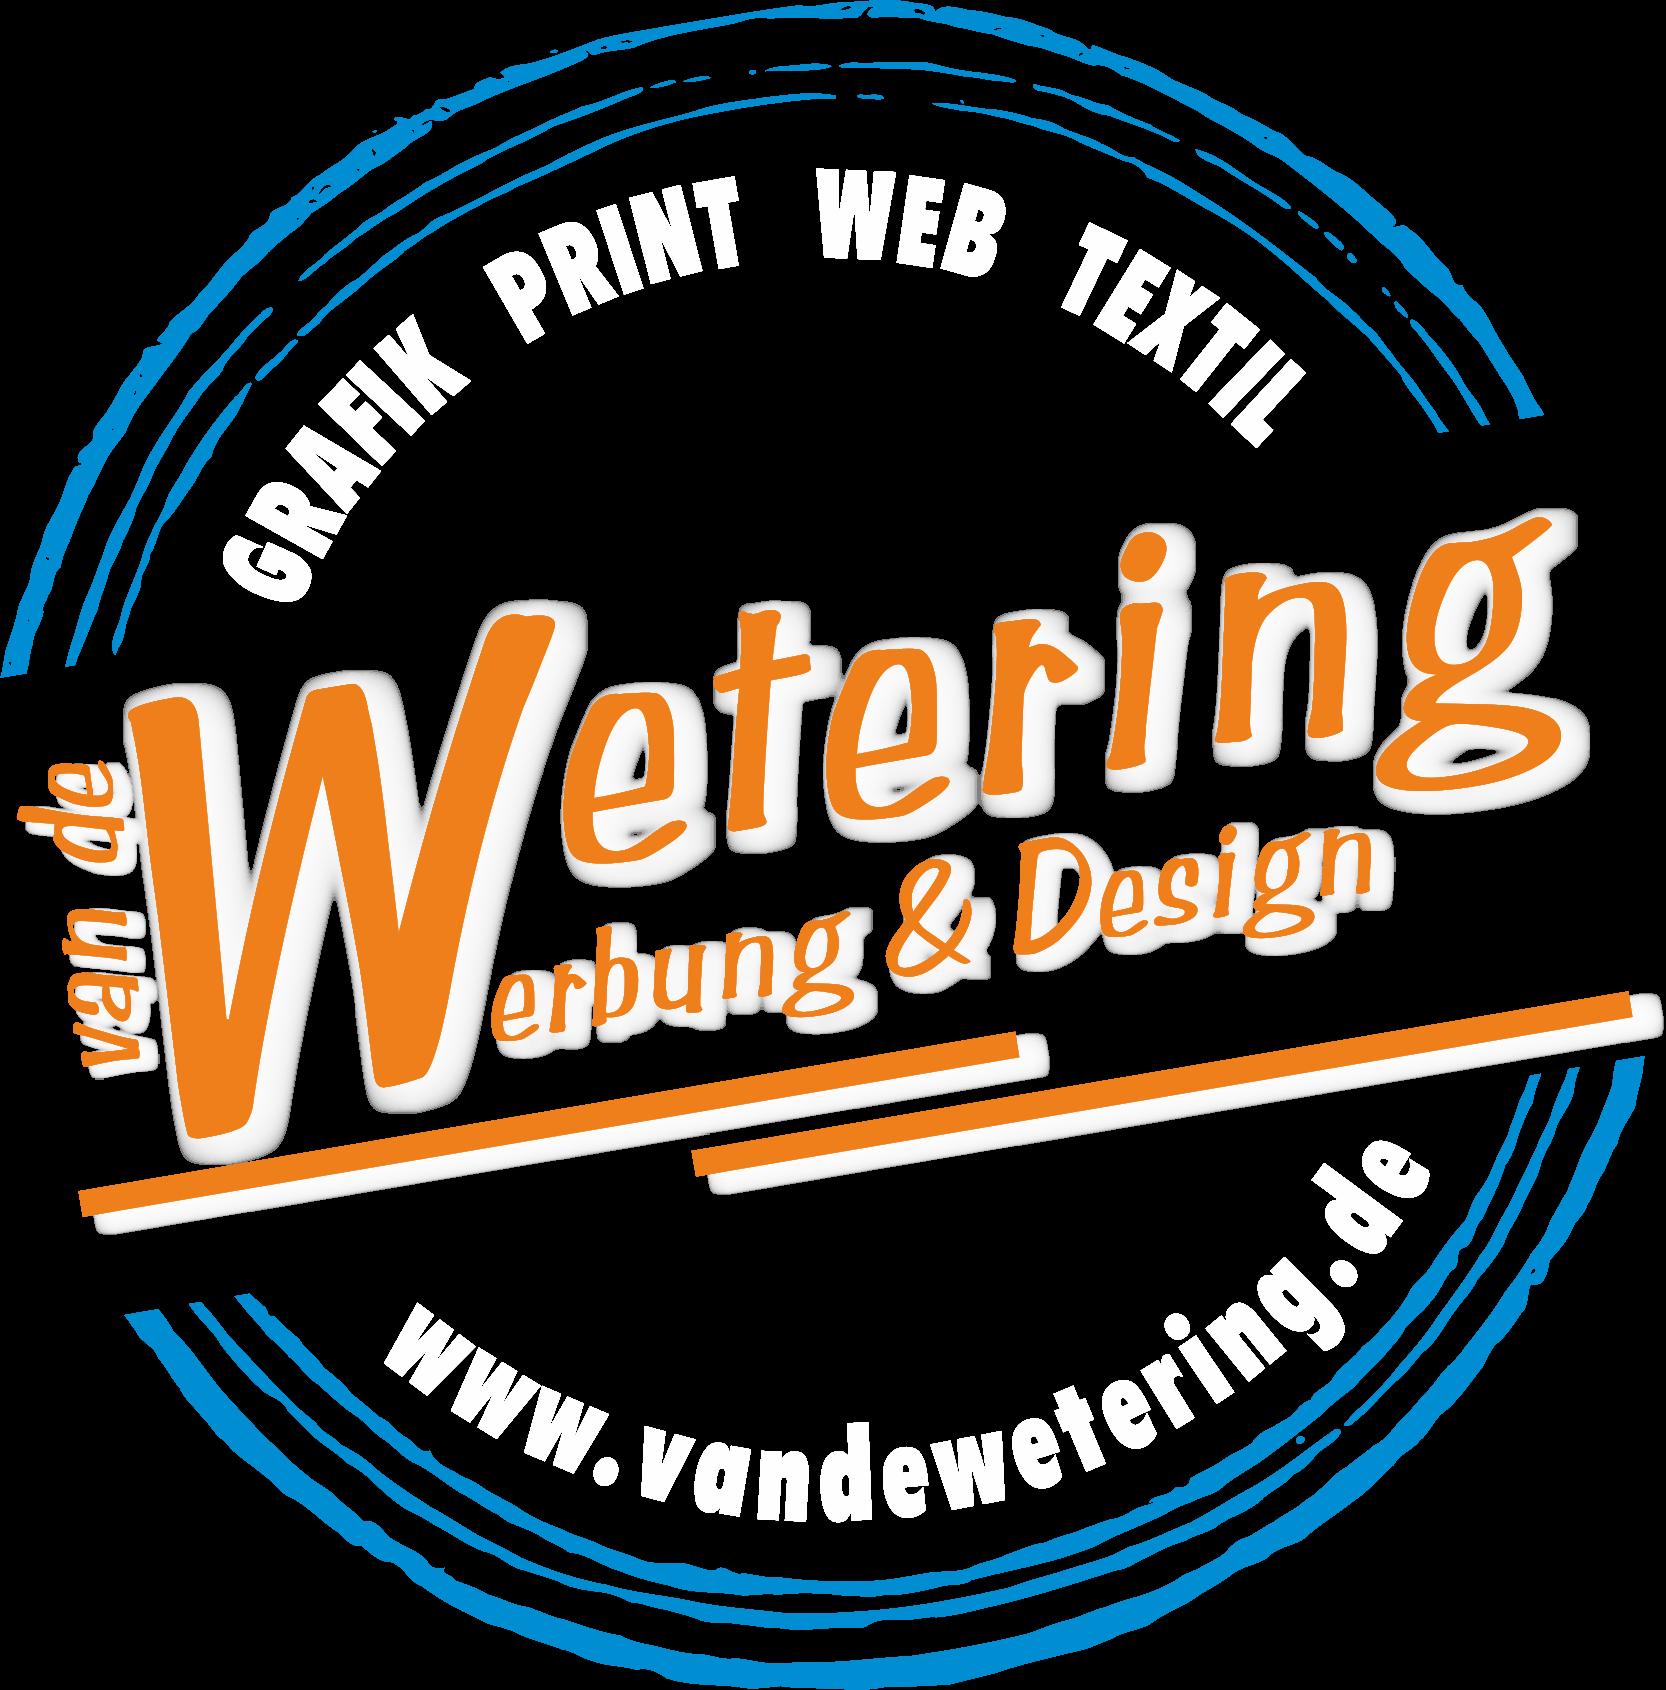 van de Wetering, Werbung & Design